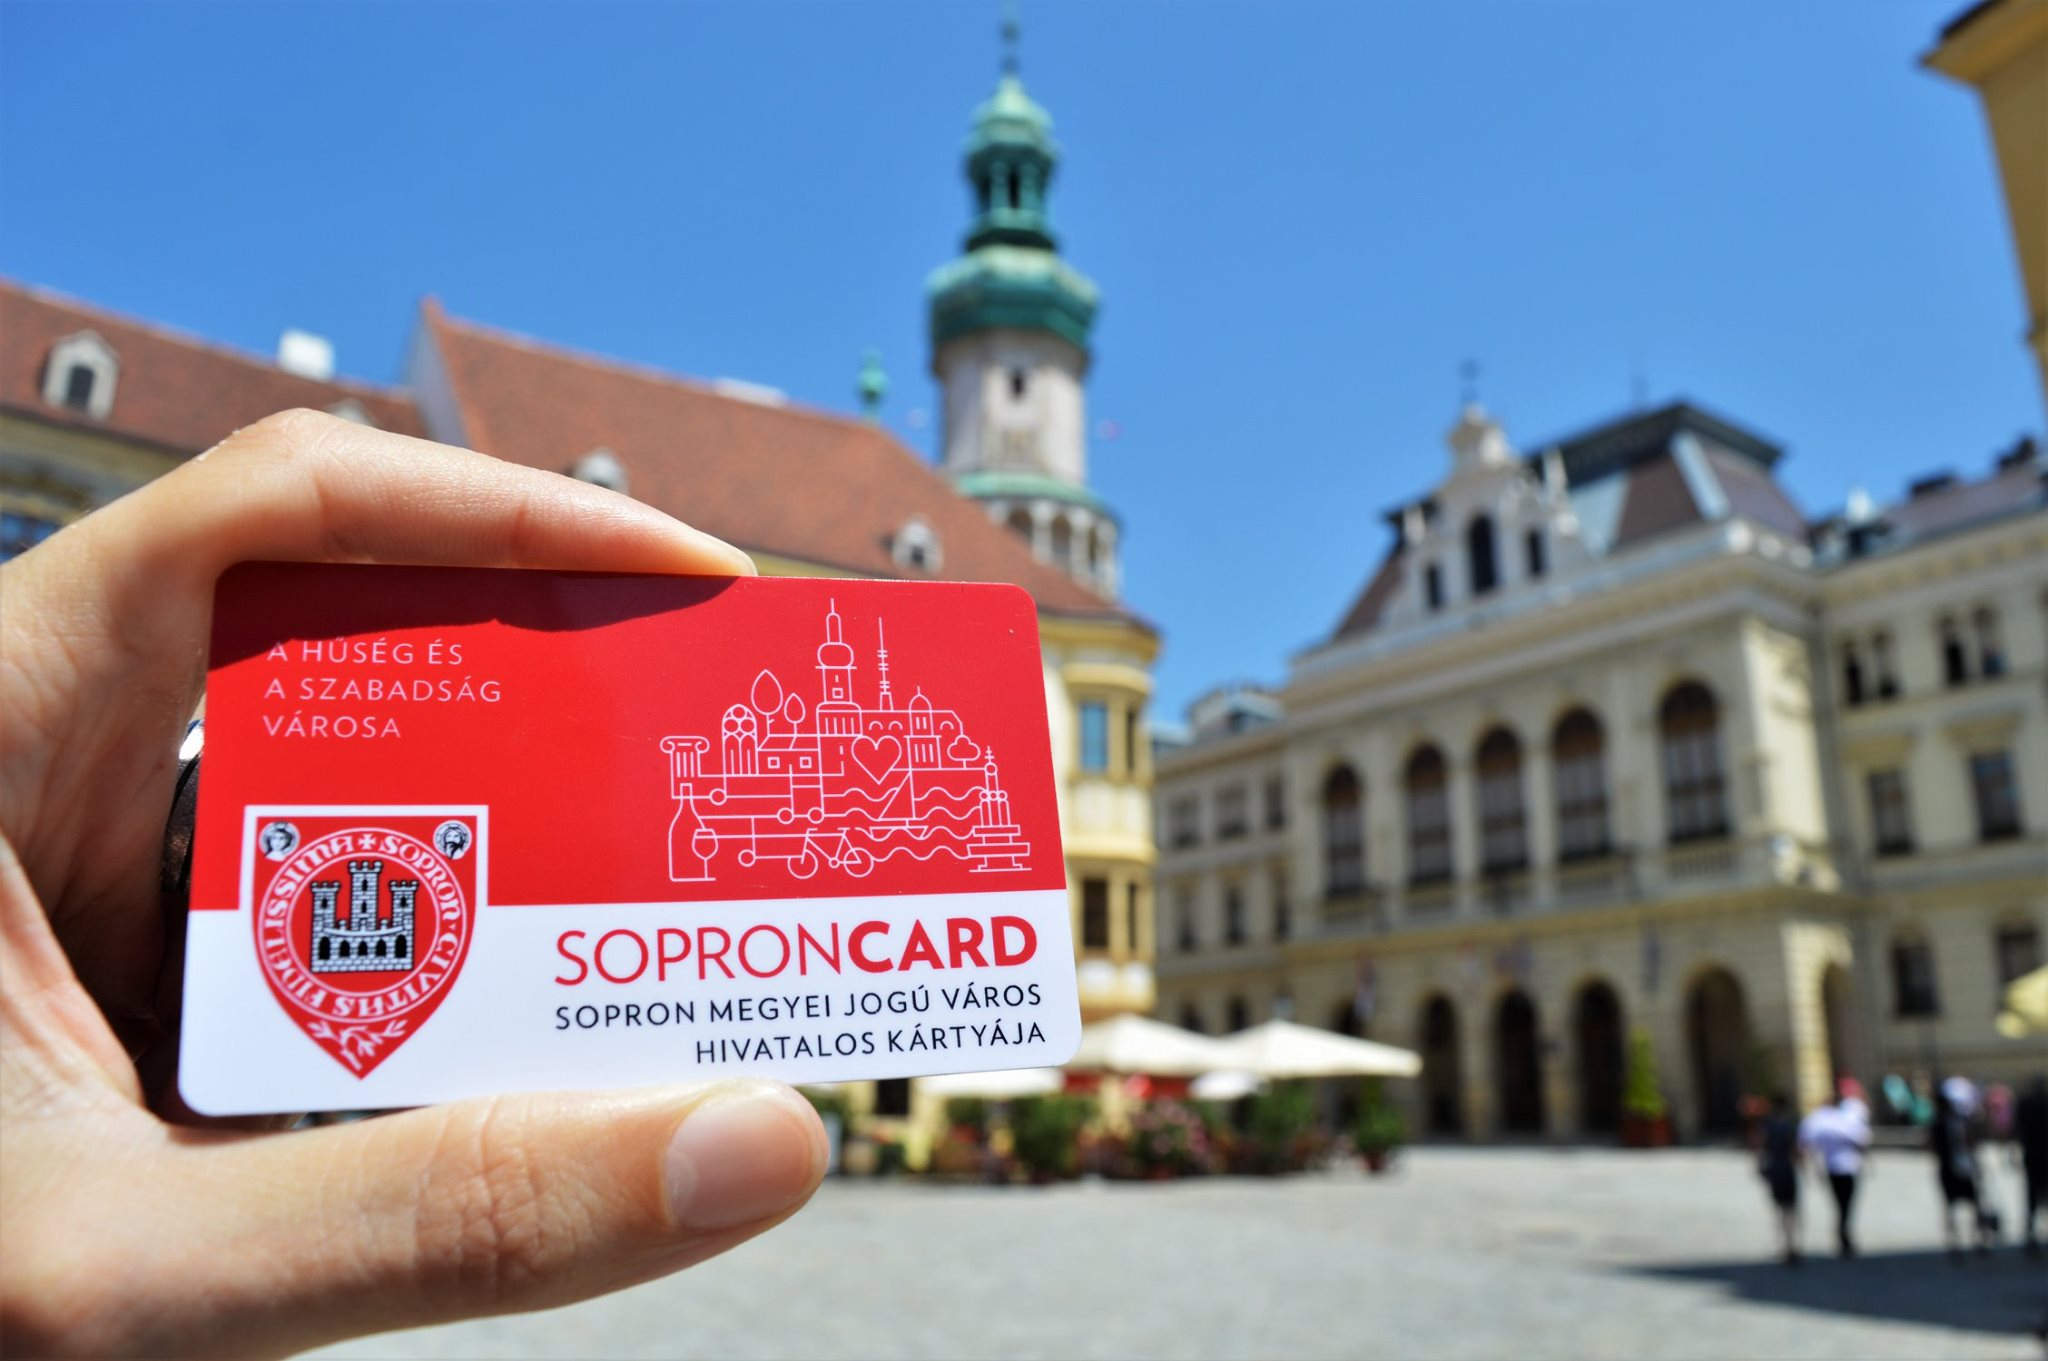 soproncard